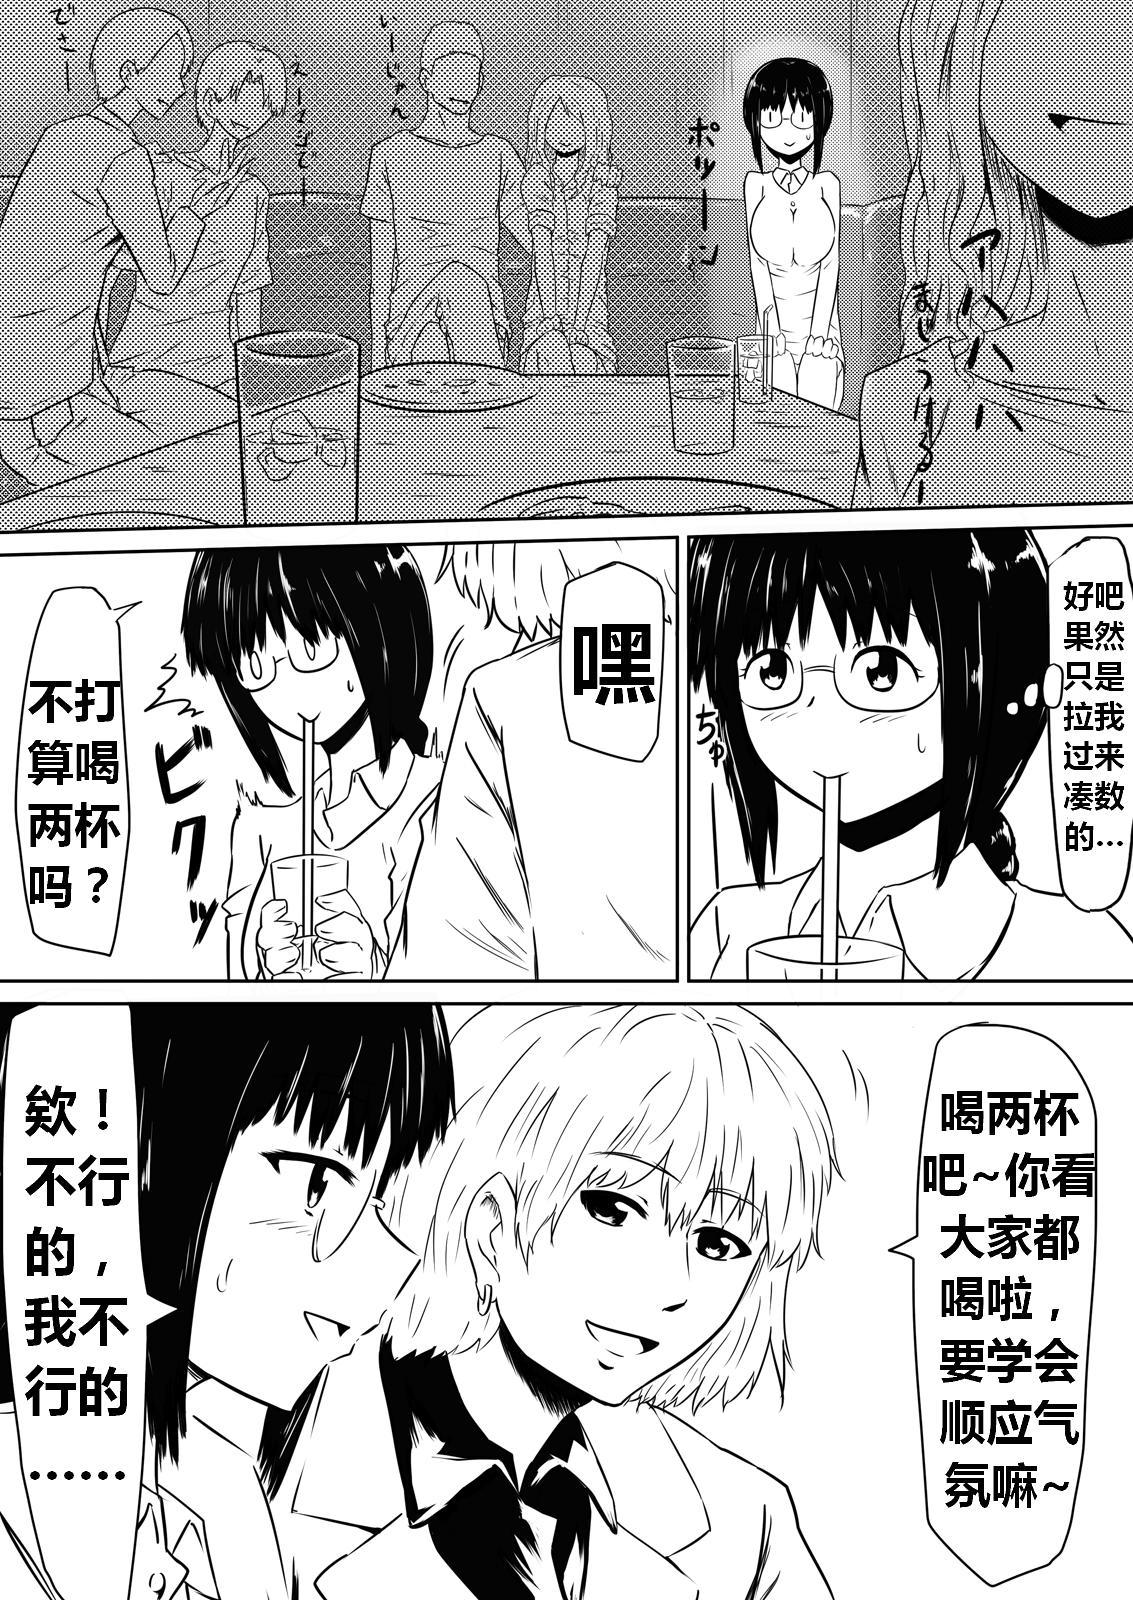 Ore no Kanojo ga Fuuzokujou ni Natta Riyuu | 女朋友下海拍片了 13